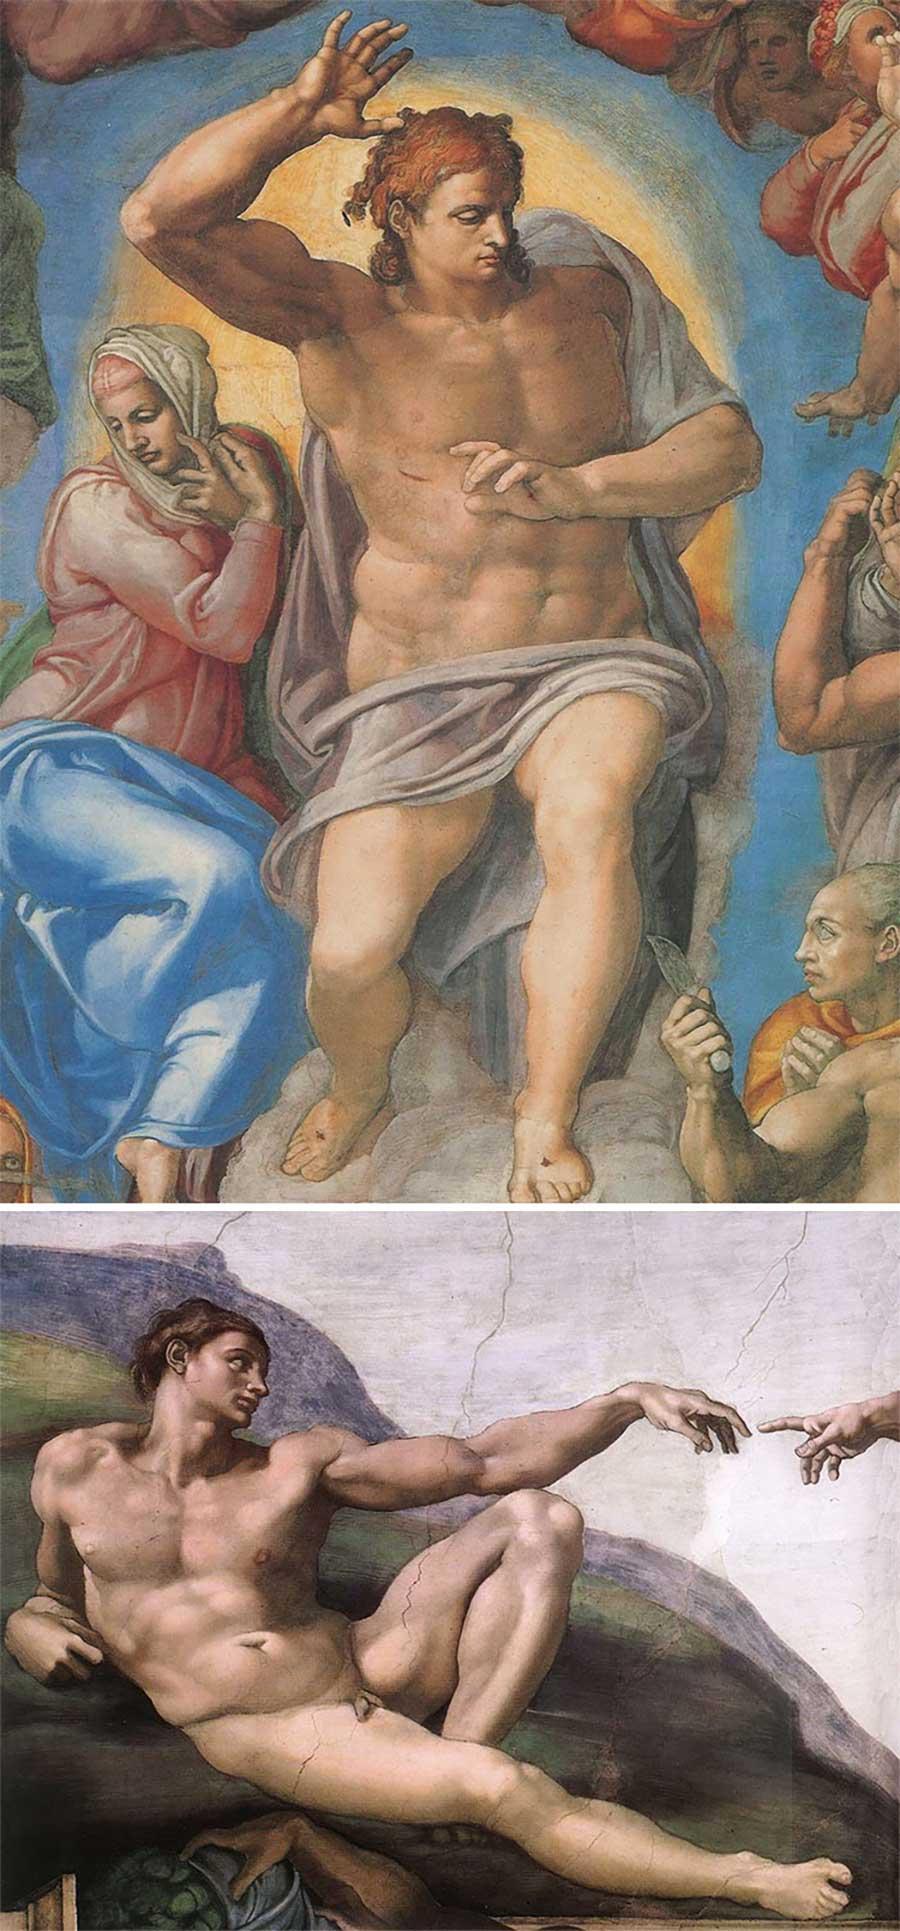 Ulkige Merkmale, woran man erkennen kann, welcher Künstler ein Gemälde gemalt hat gemaelde-malern-zuordnen-fun_10